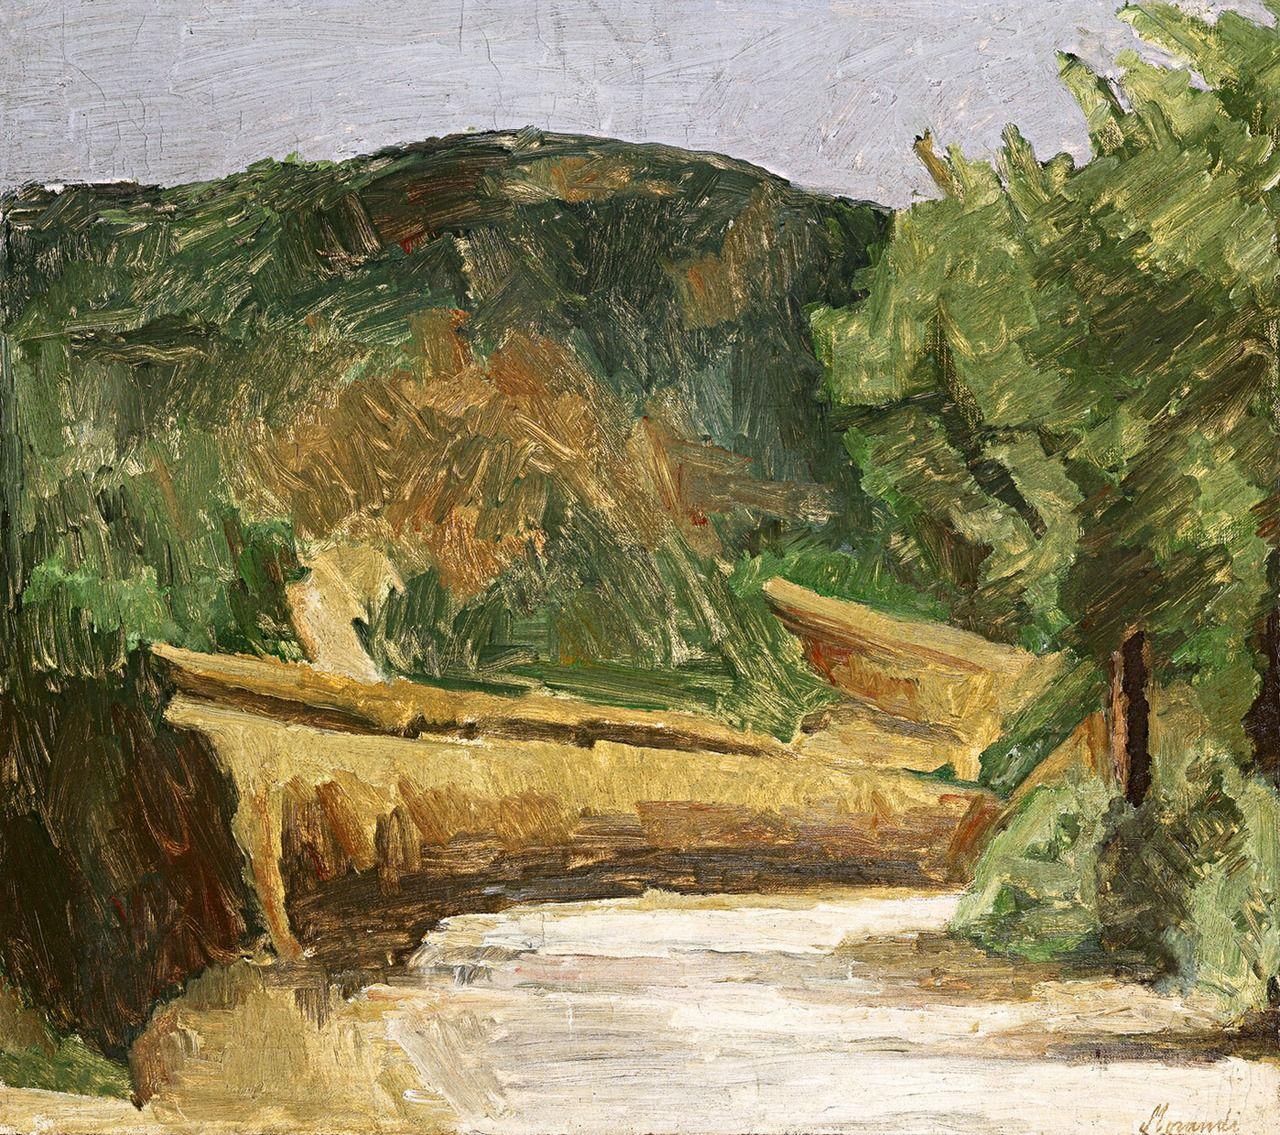 galerie-martin:  Giorgio Morandi - Paesaggio, 1935. Oil on canvas. (No size available)For more Fine Arts followgalerie mARTin.